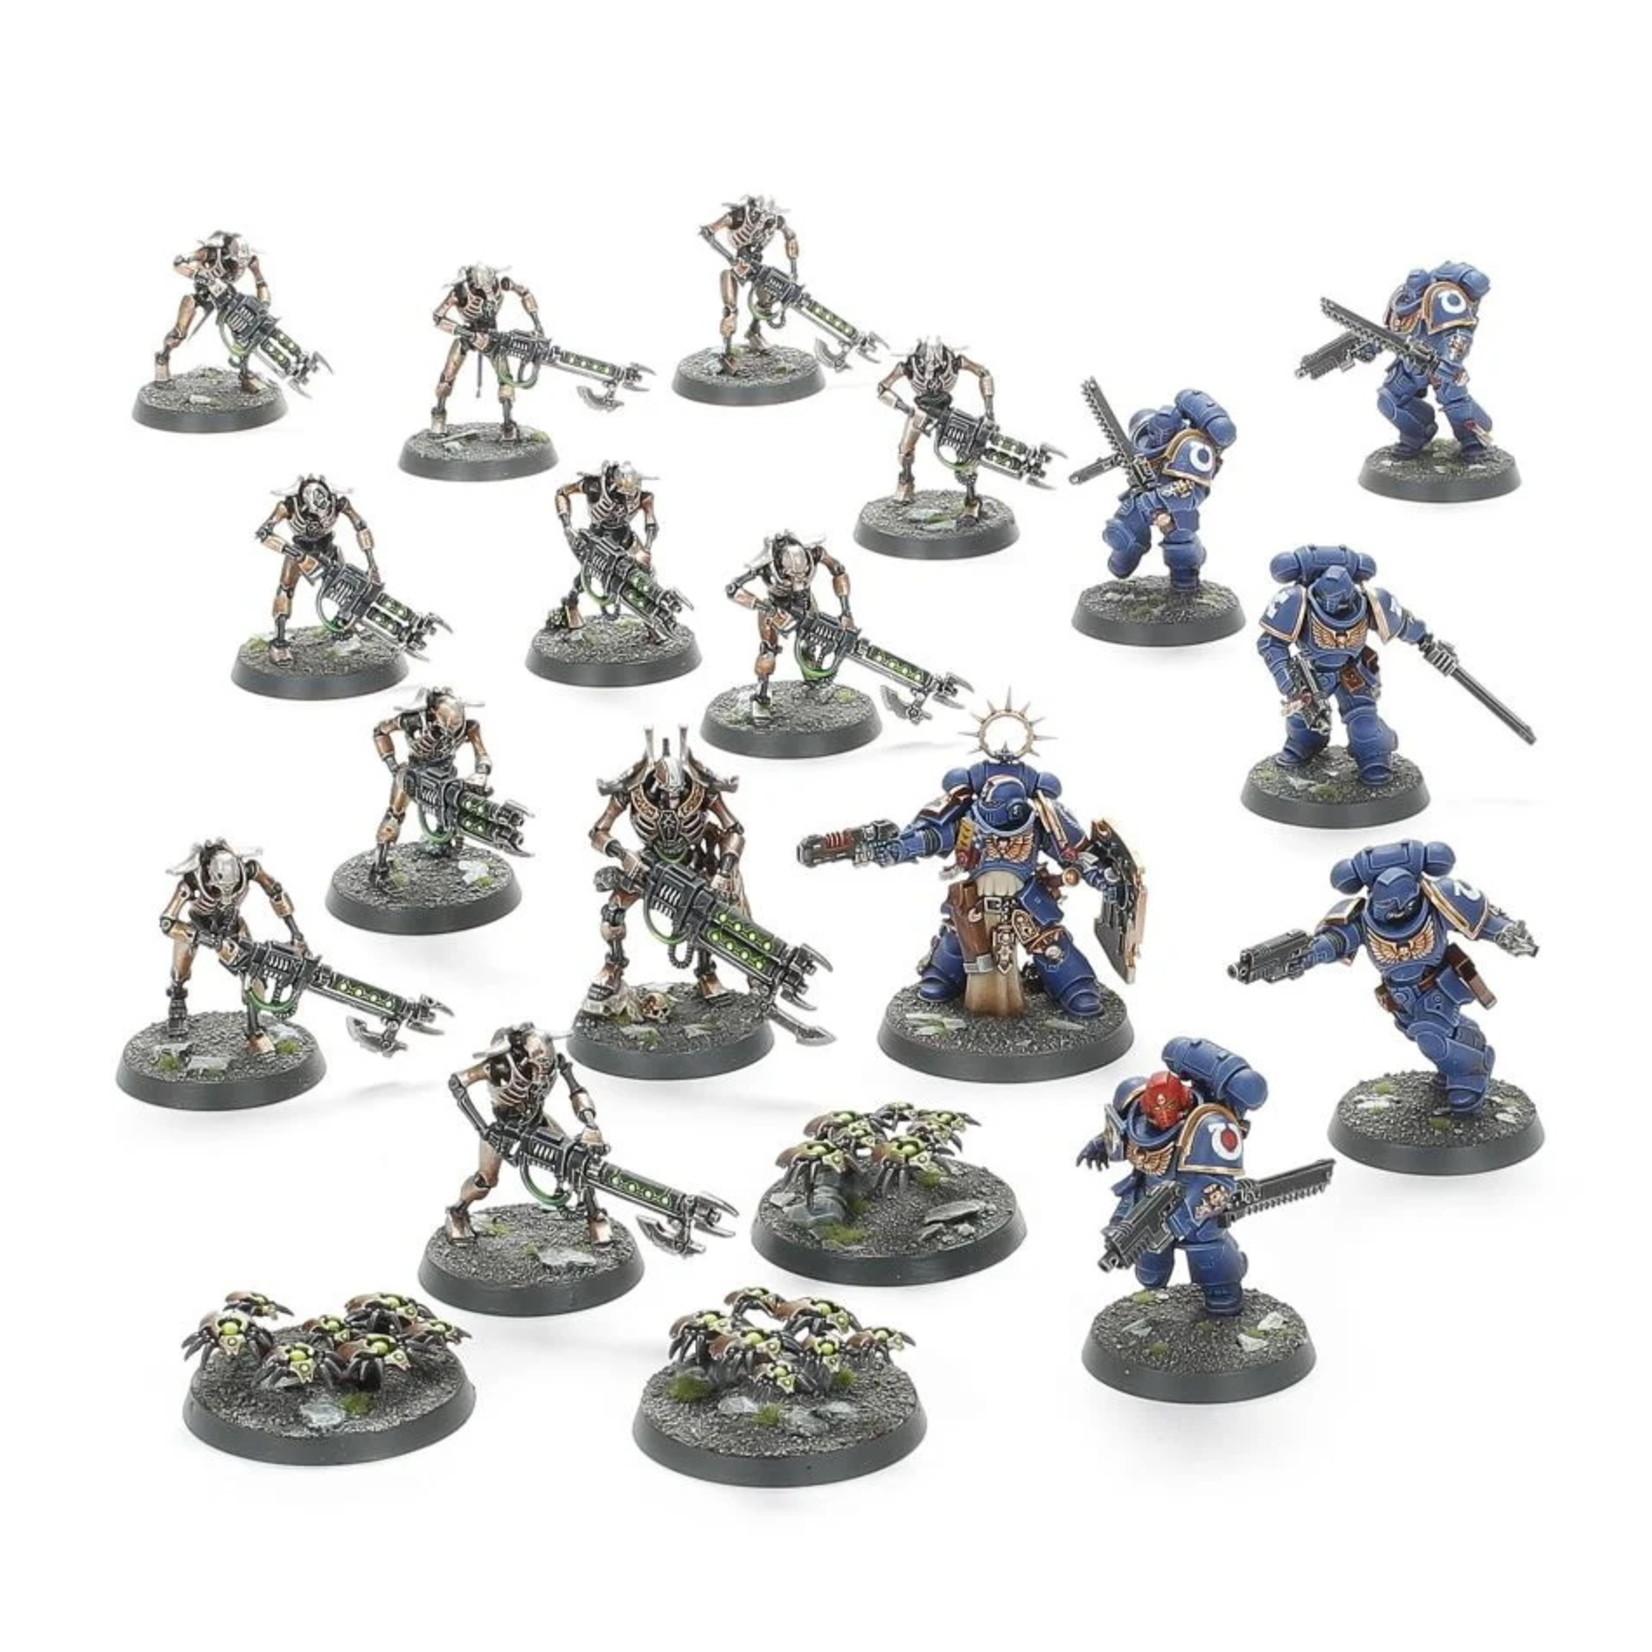 Games Workshop Warhammer 40,000 - Recruit Edition